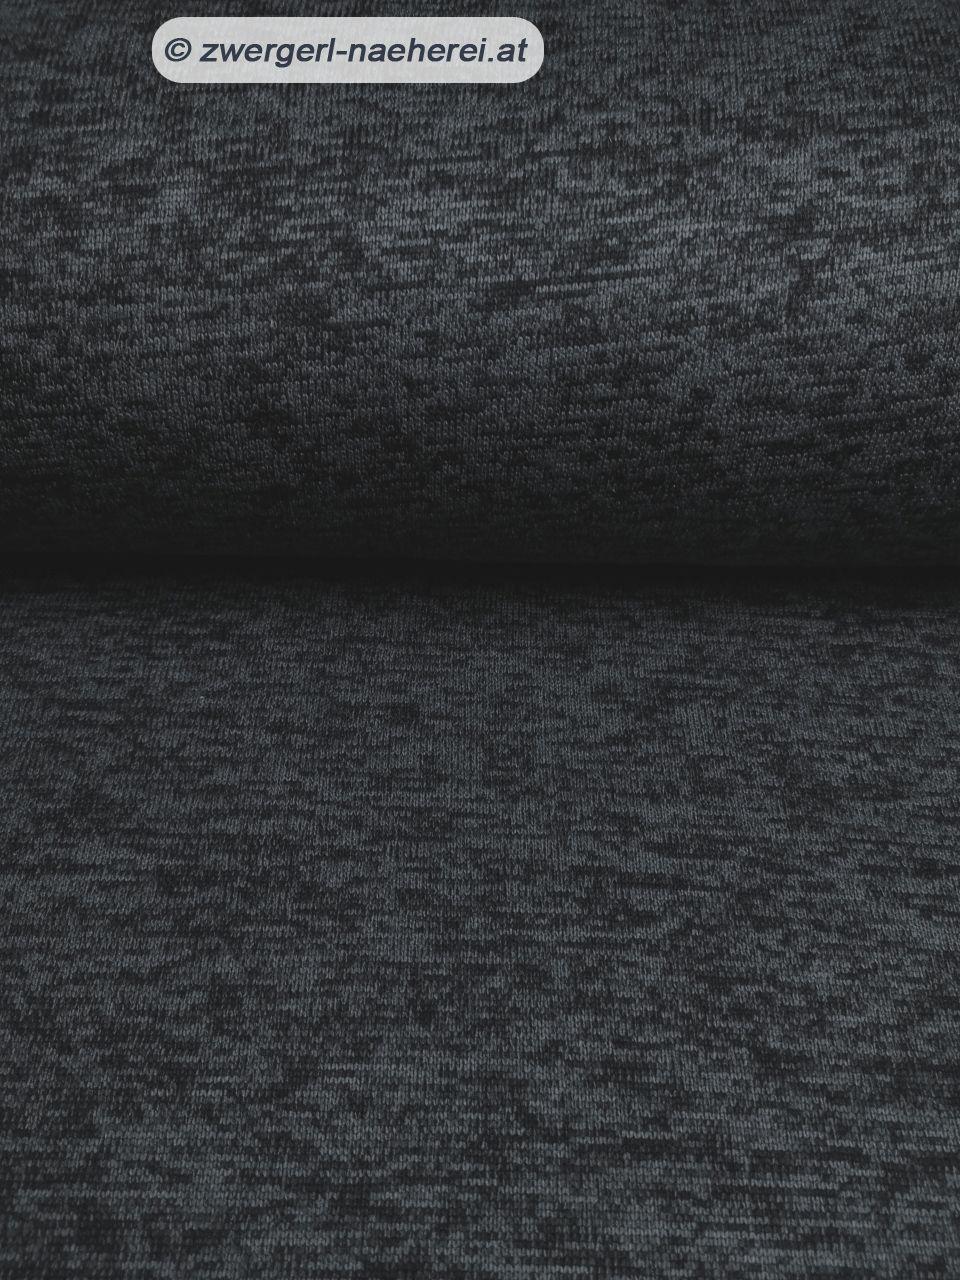 Stoff-Baumwolle-Jersey-Bündchen-Fleece-Bio_018